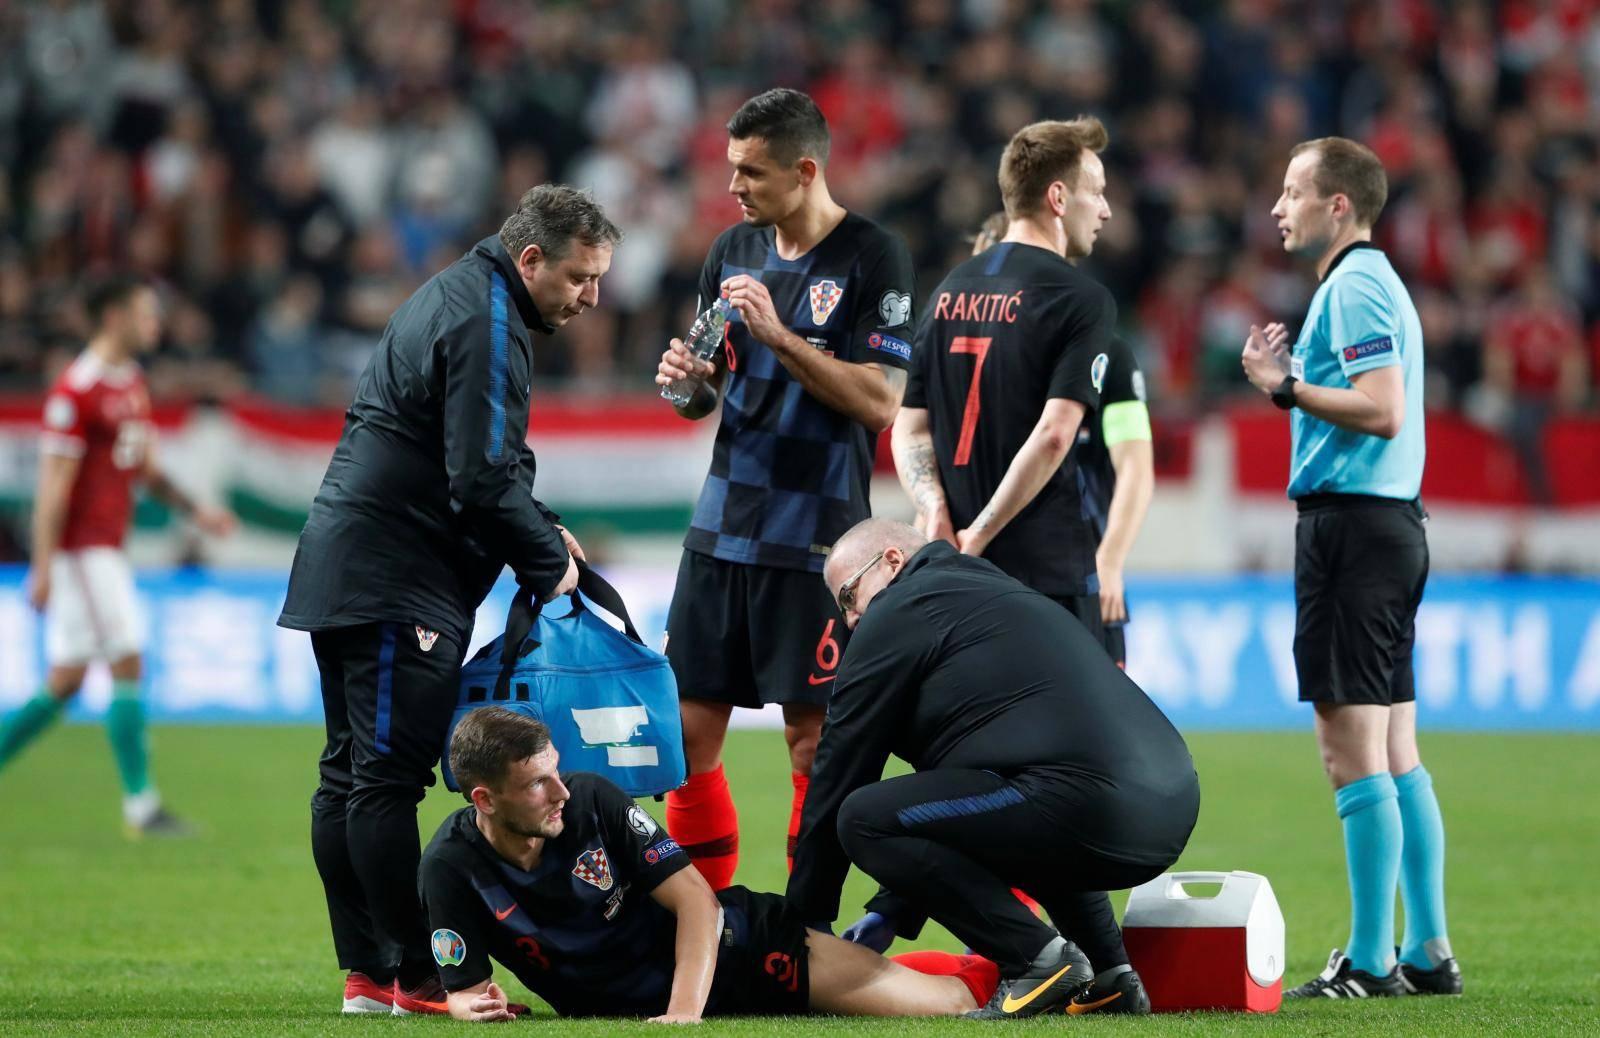 Euro 2020 Qualifier - Group E - Hungary v Croatia